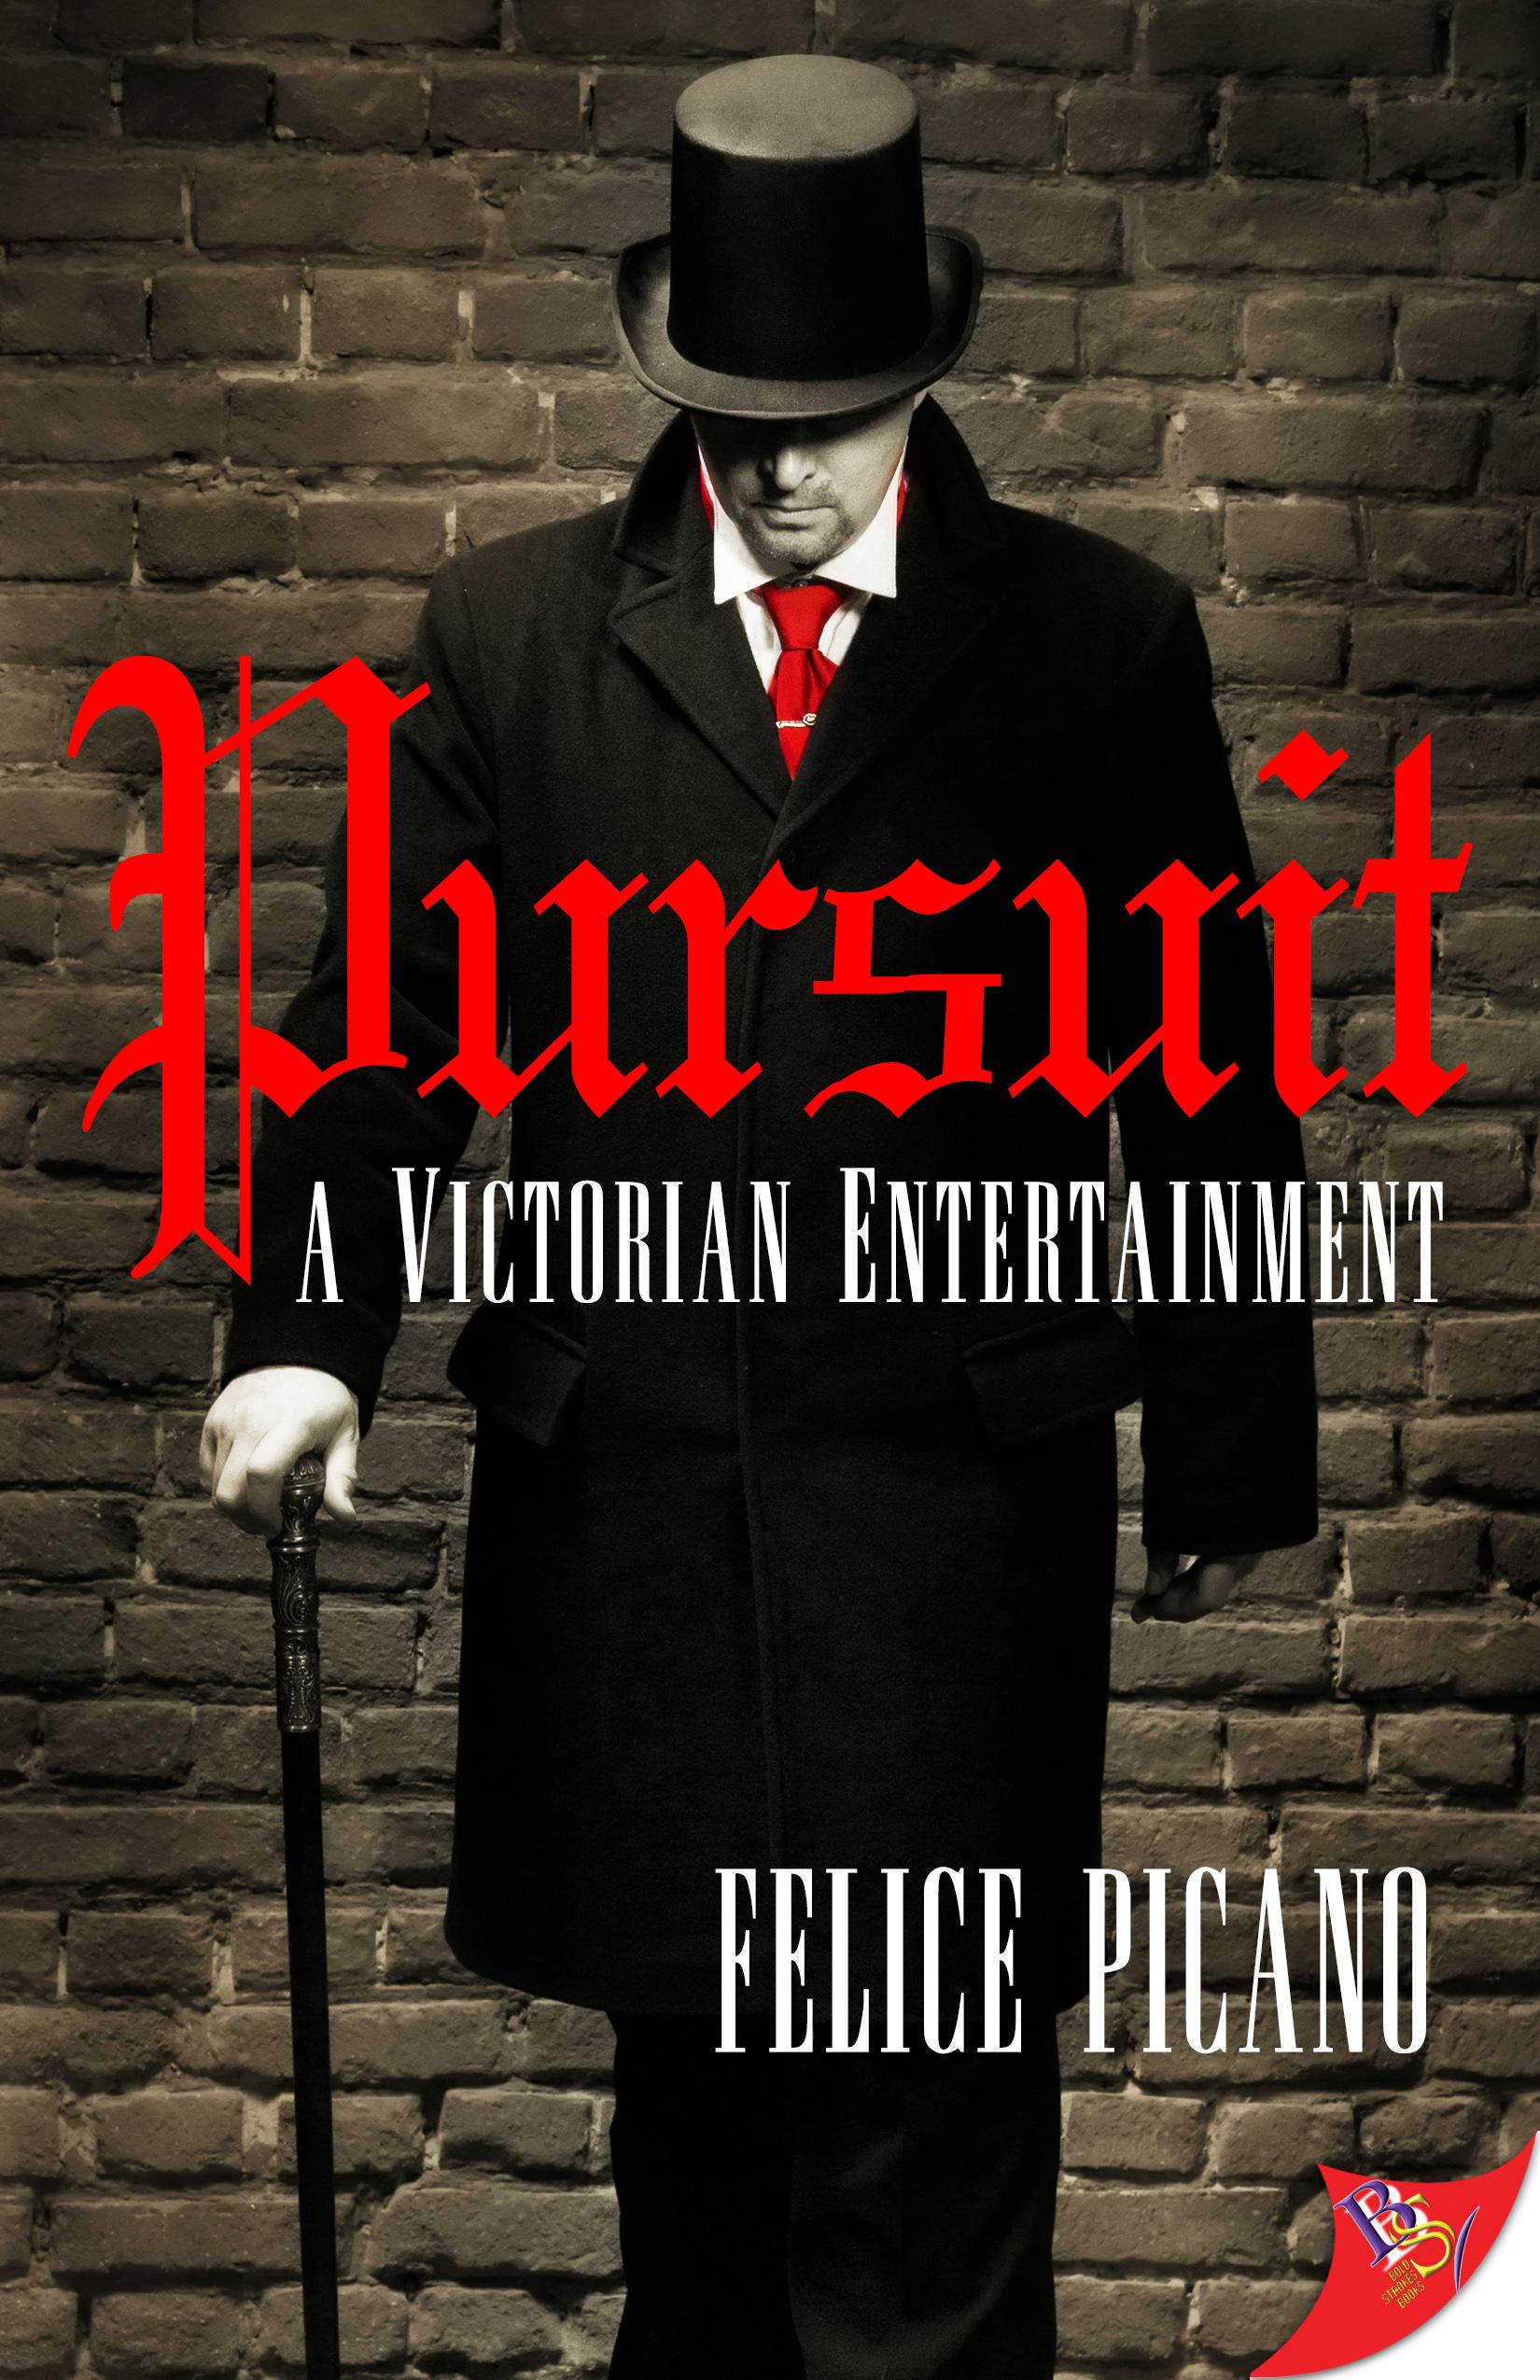 Pursuit: A Victorian Entertainment